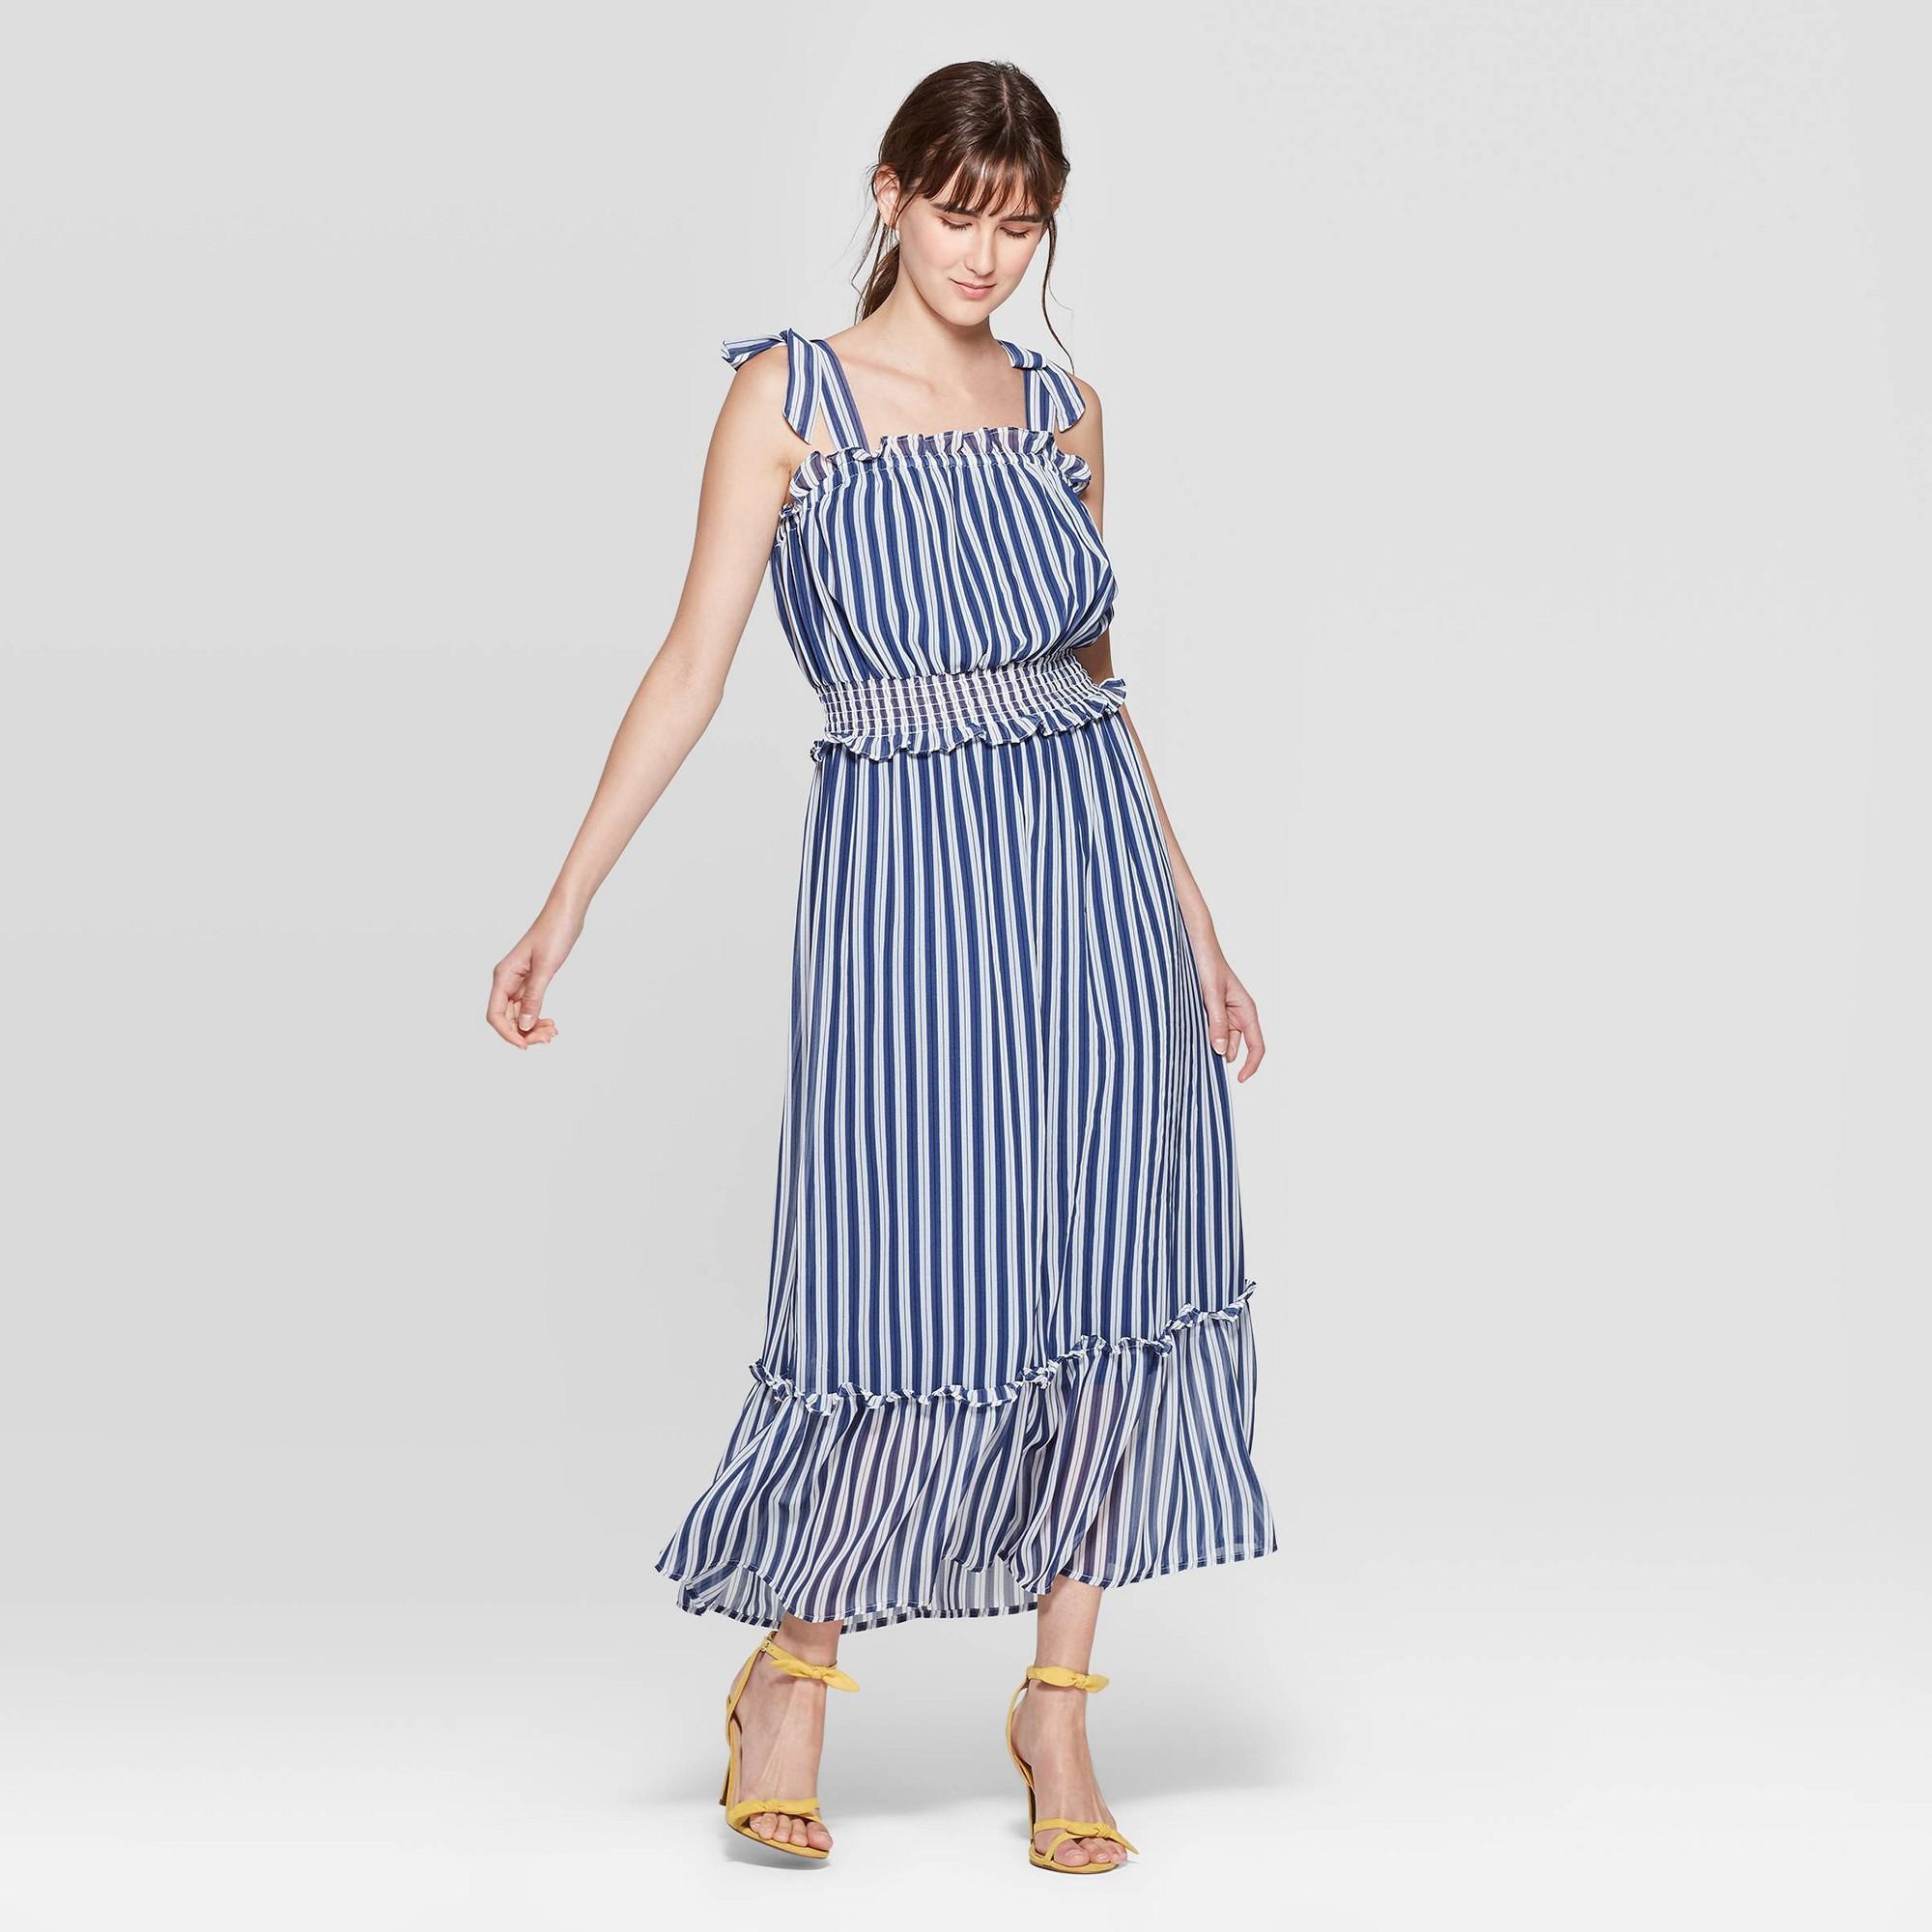 Women's Striped Sleeveless Square Neck Shoulder Tie Column Maxi Dress - Who What Wear White XS, Eco White